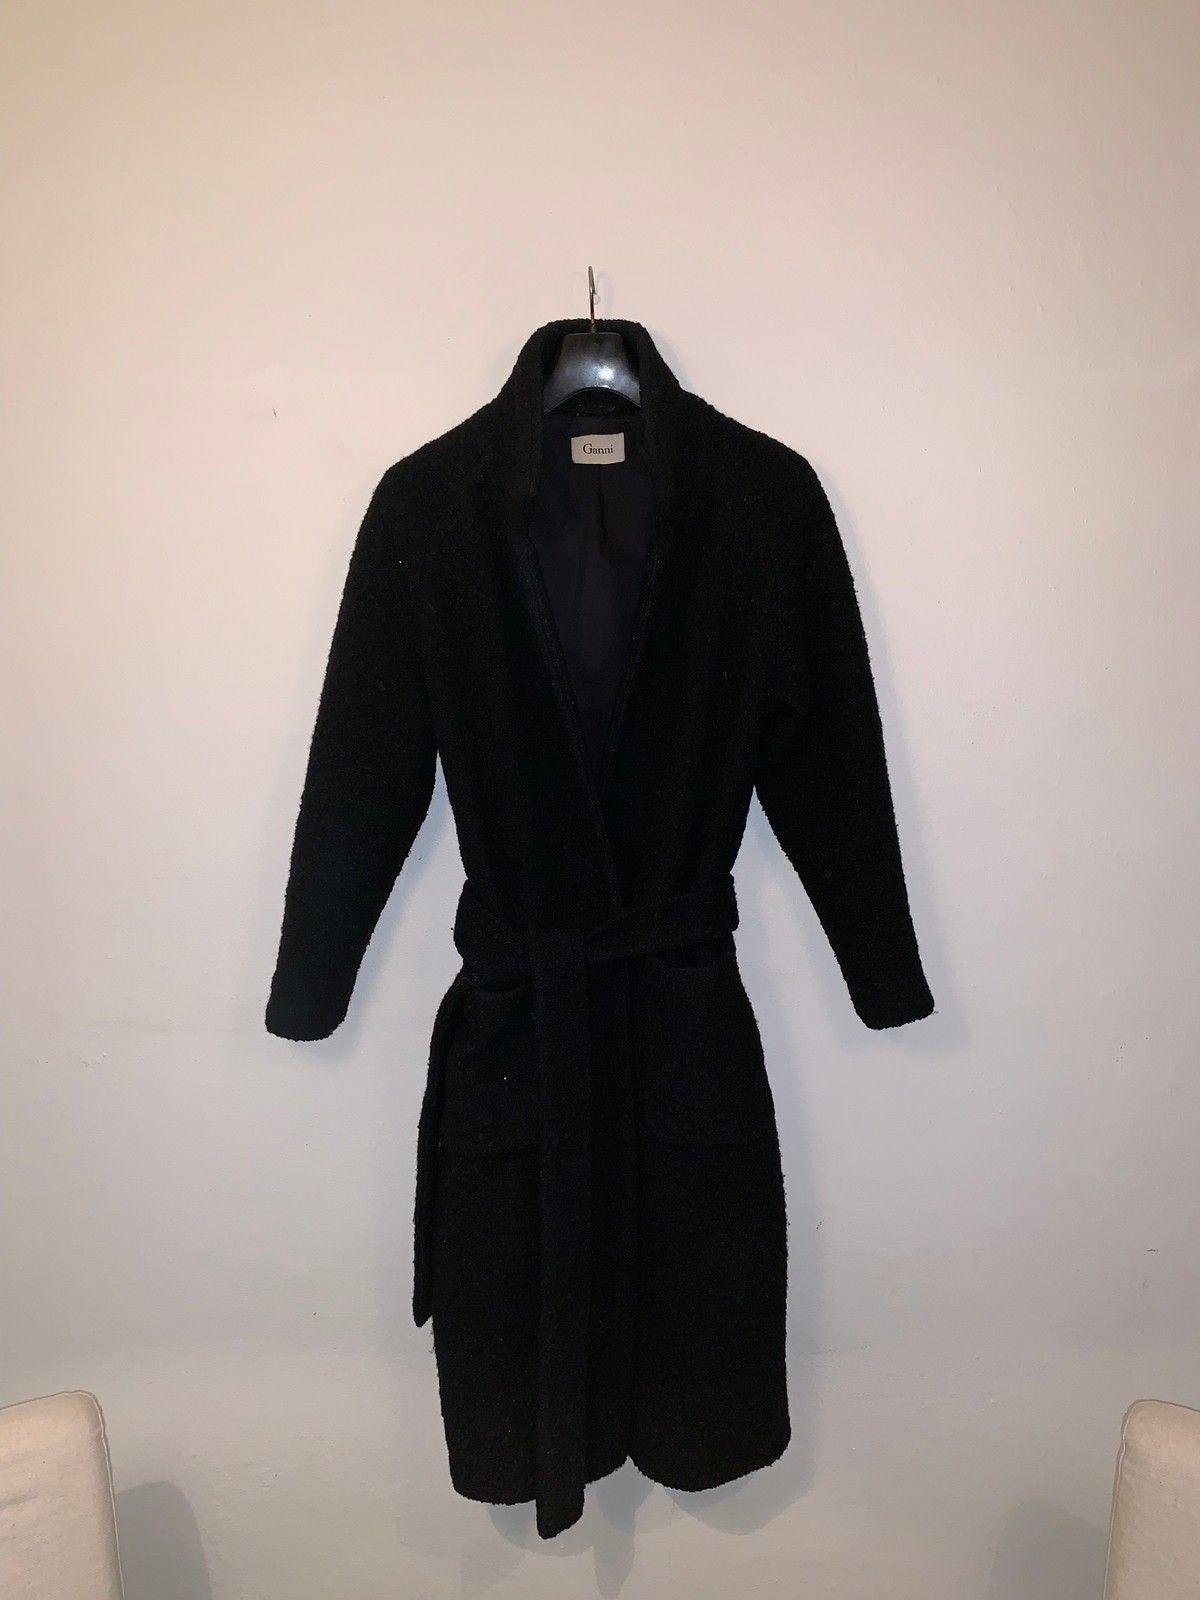 d97ee4a5 Ganni Teddy Wrap Kåpe - Oslo - Selger denne fine Ganni kåpen i sort.  Størrelse